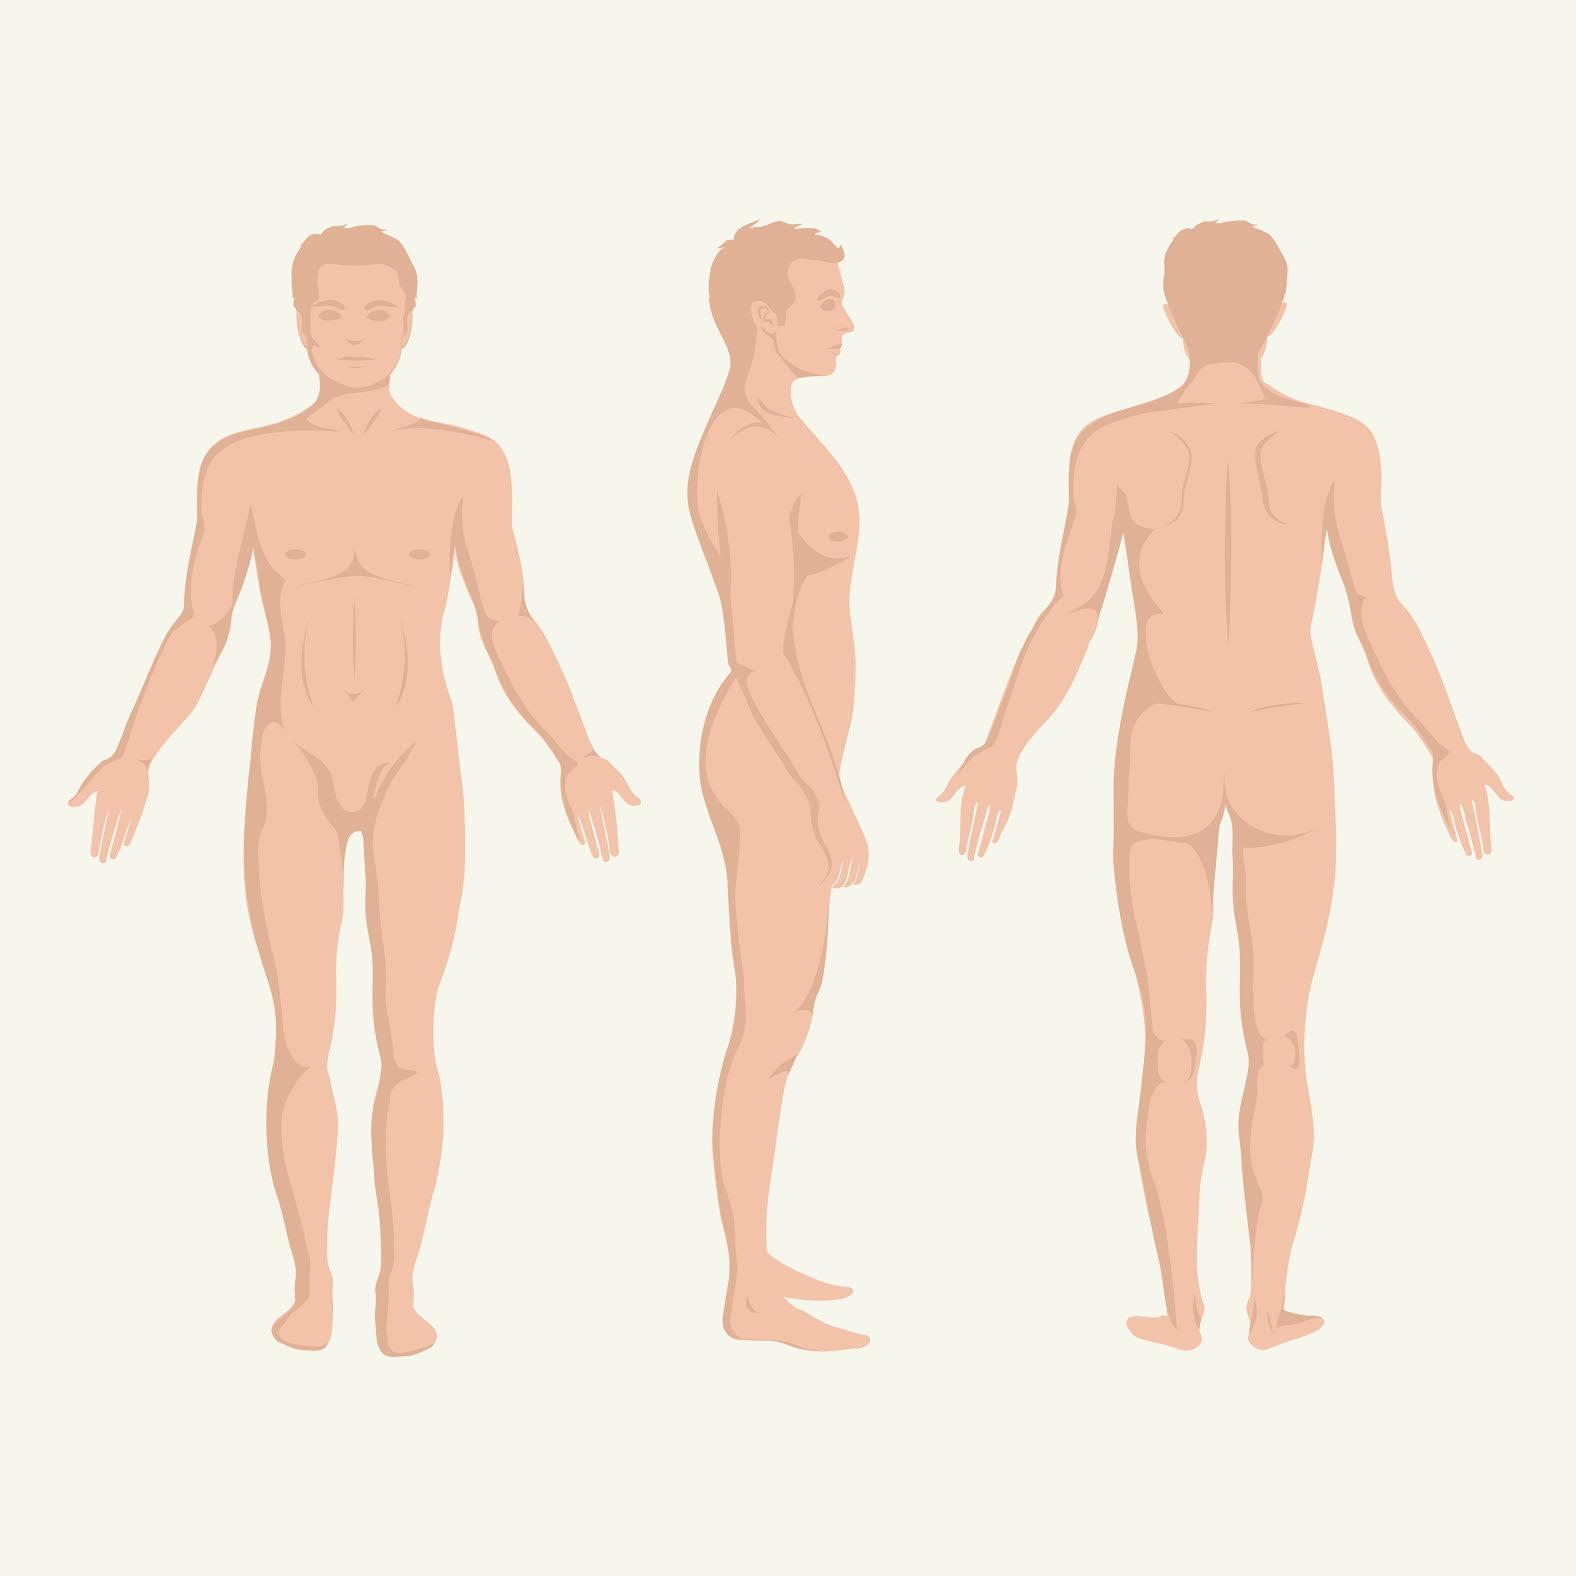 cum afectează o erecție nivelul de testosteron? despre operația de îngroșare a penisului